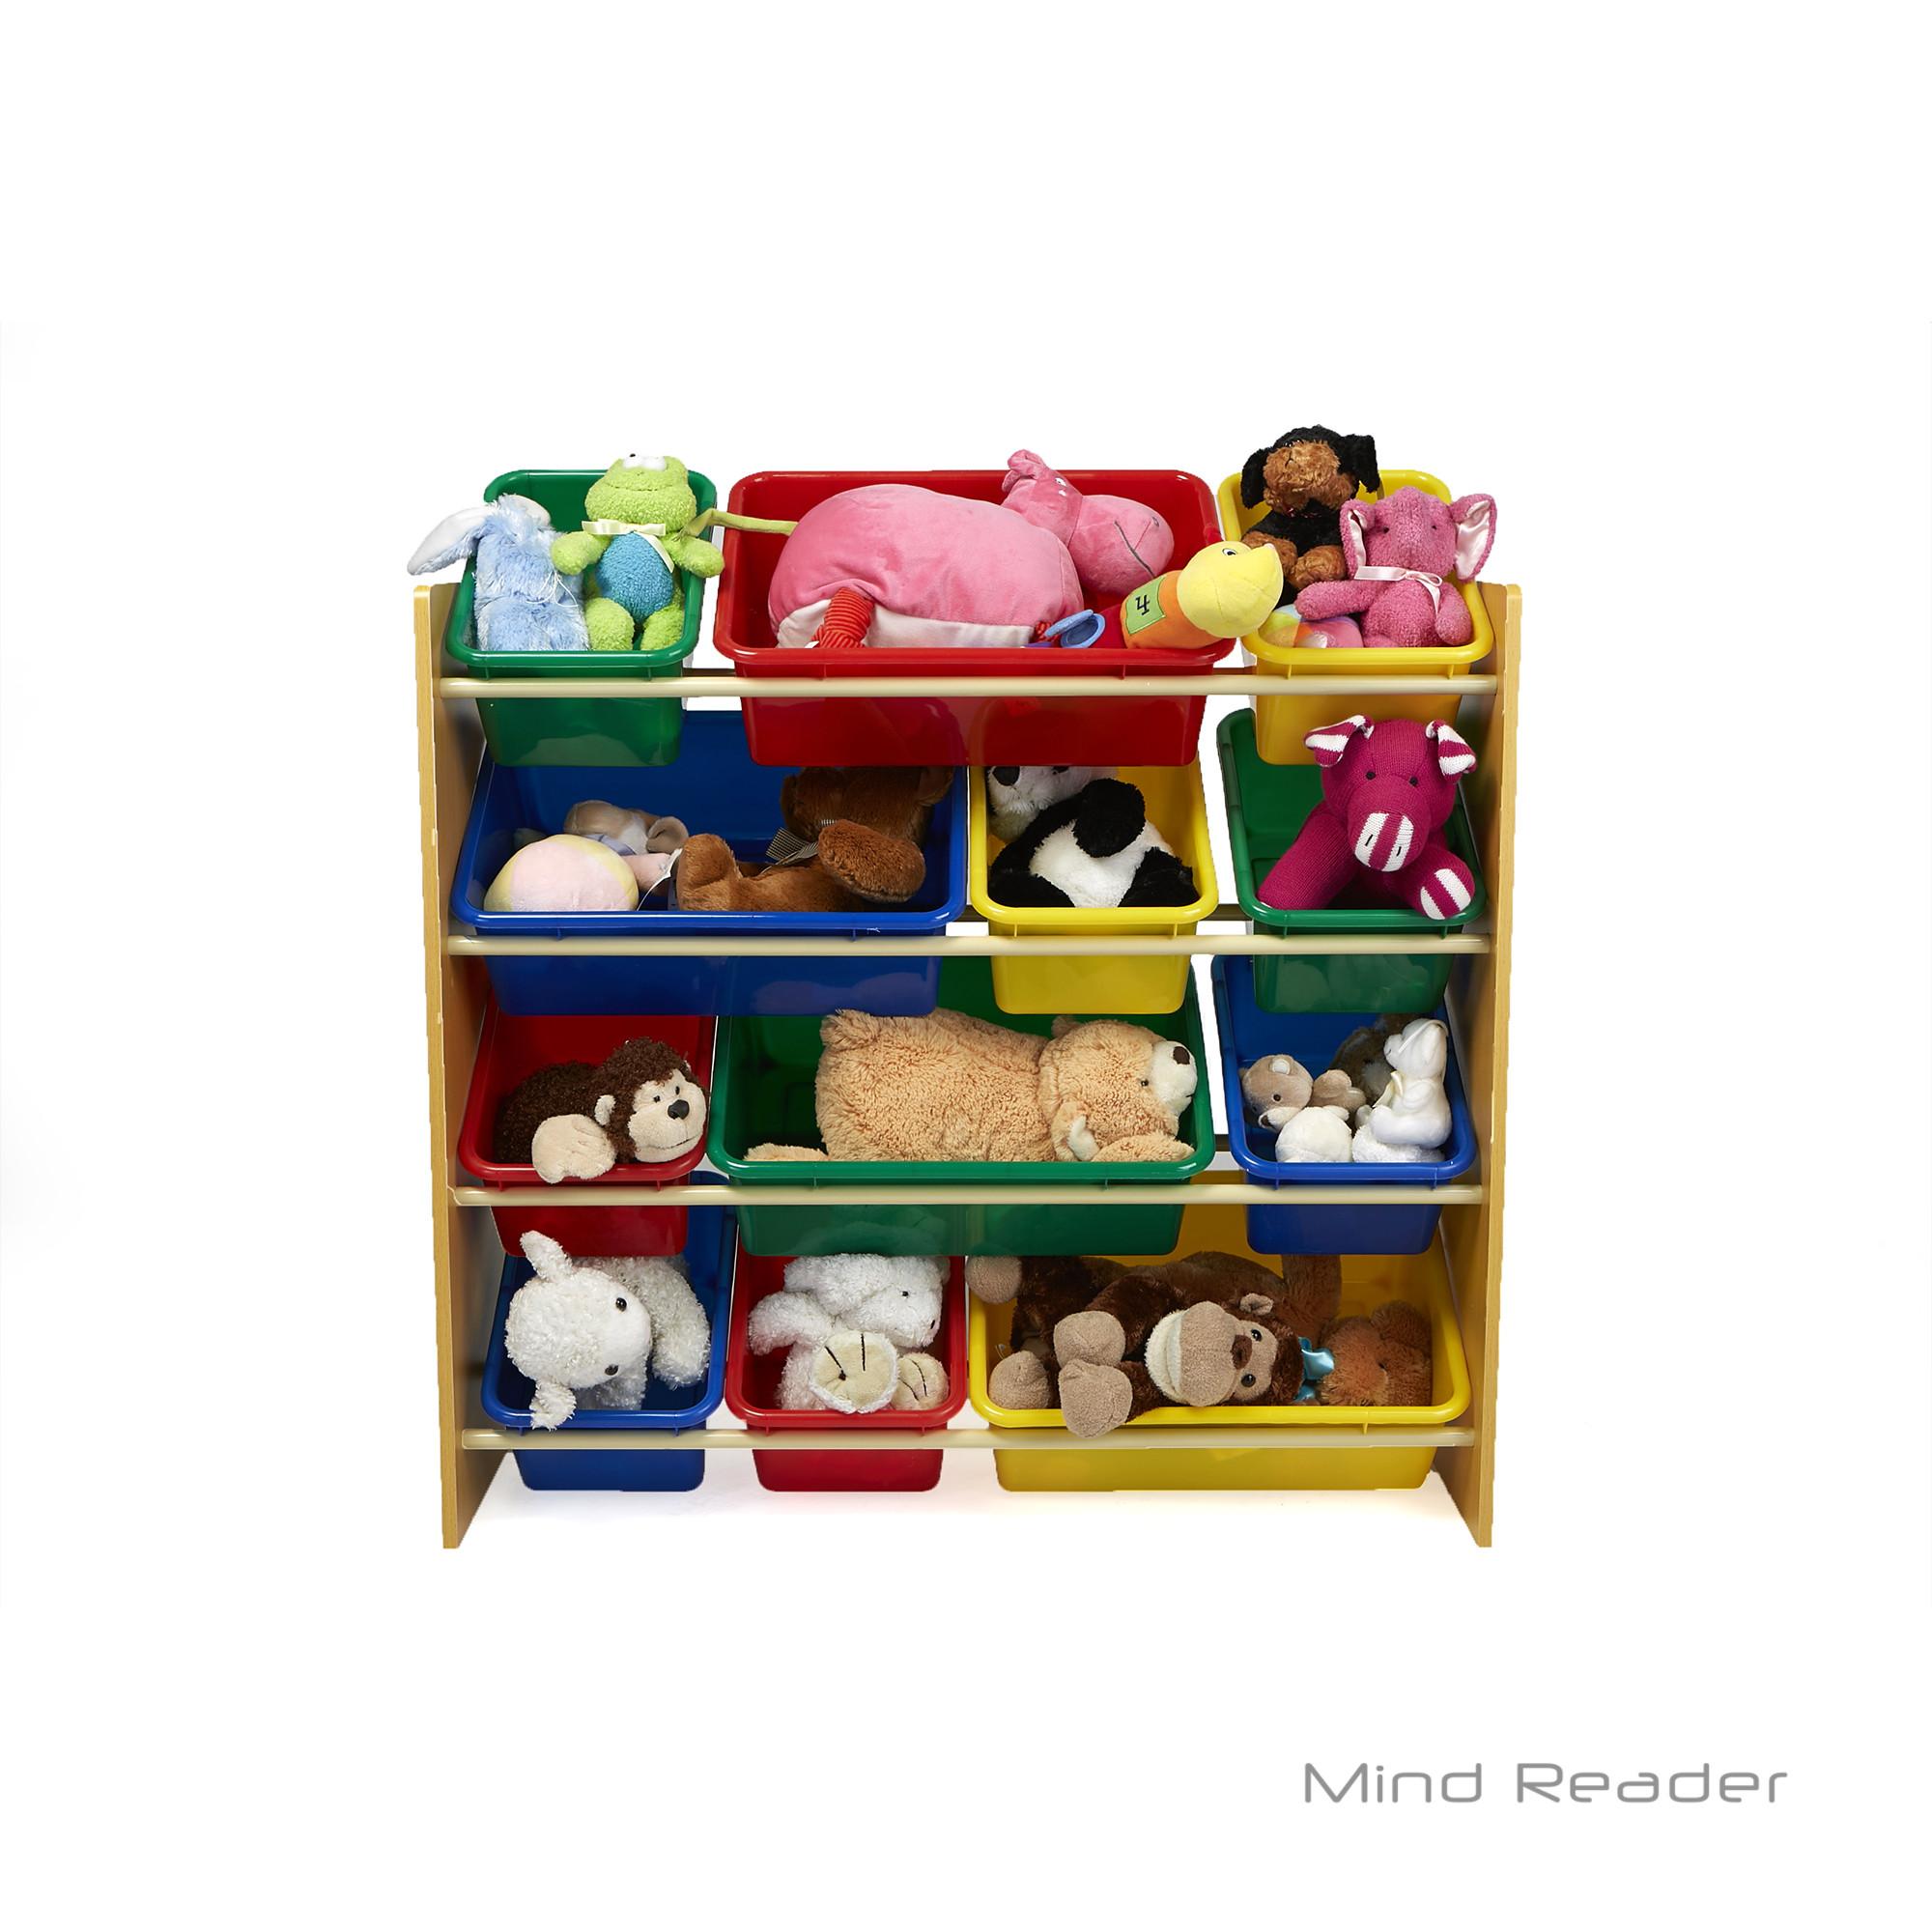 Bedroom Storage Bins  Mind Reader Toy Storage Organizer with 12 Storage Bins